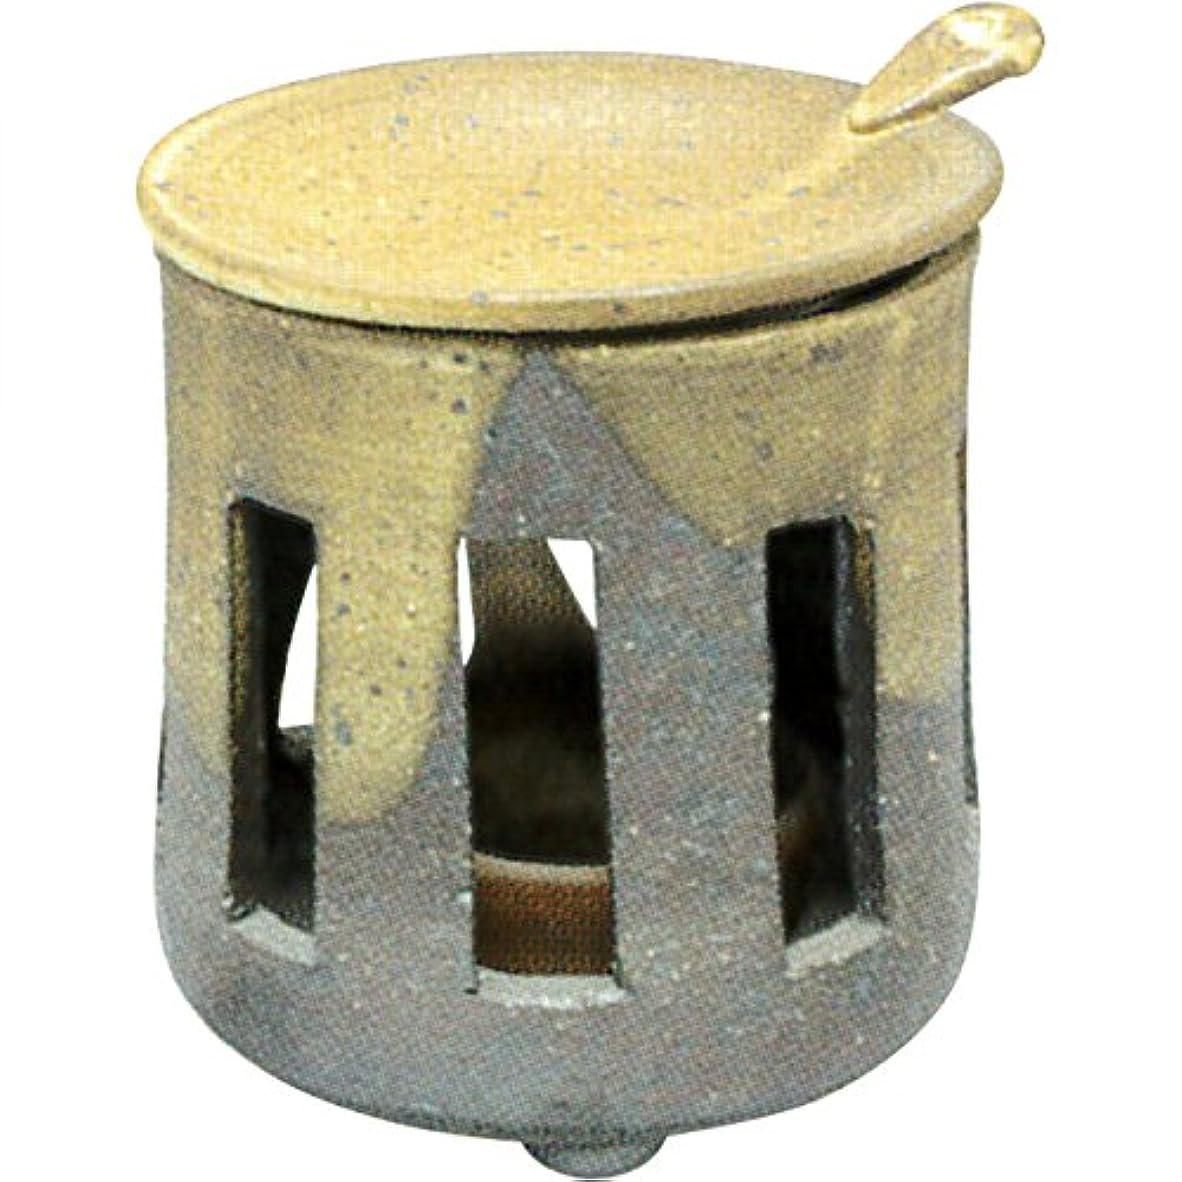 巧みな形状マインドフル茶香炉 : 常滑焼 焜清 茶香炉?サ39-03